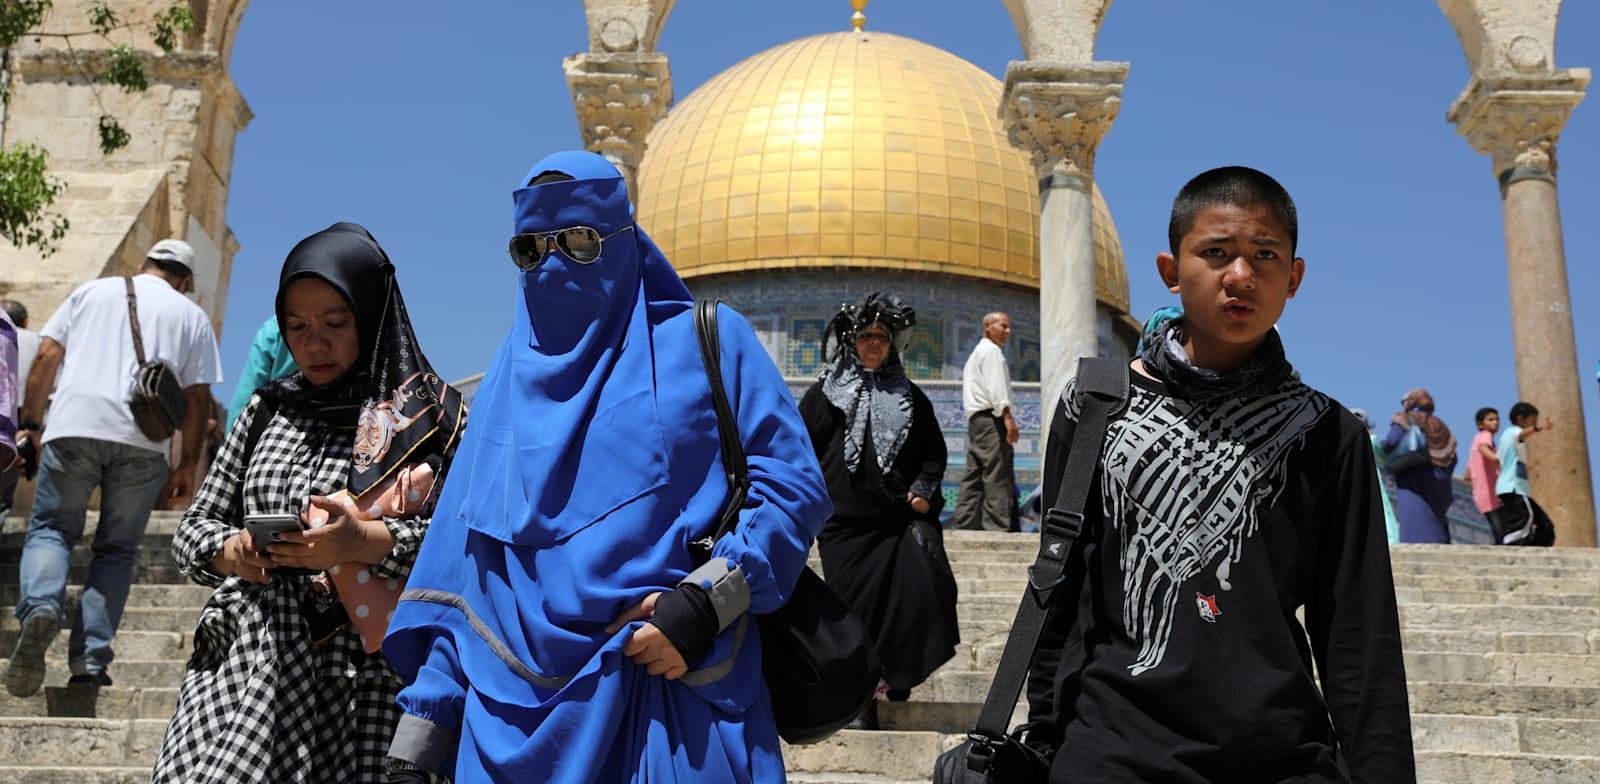 תיירים מוסלמים בירושלים / צילום: Reuters, AMMAR AWAD